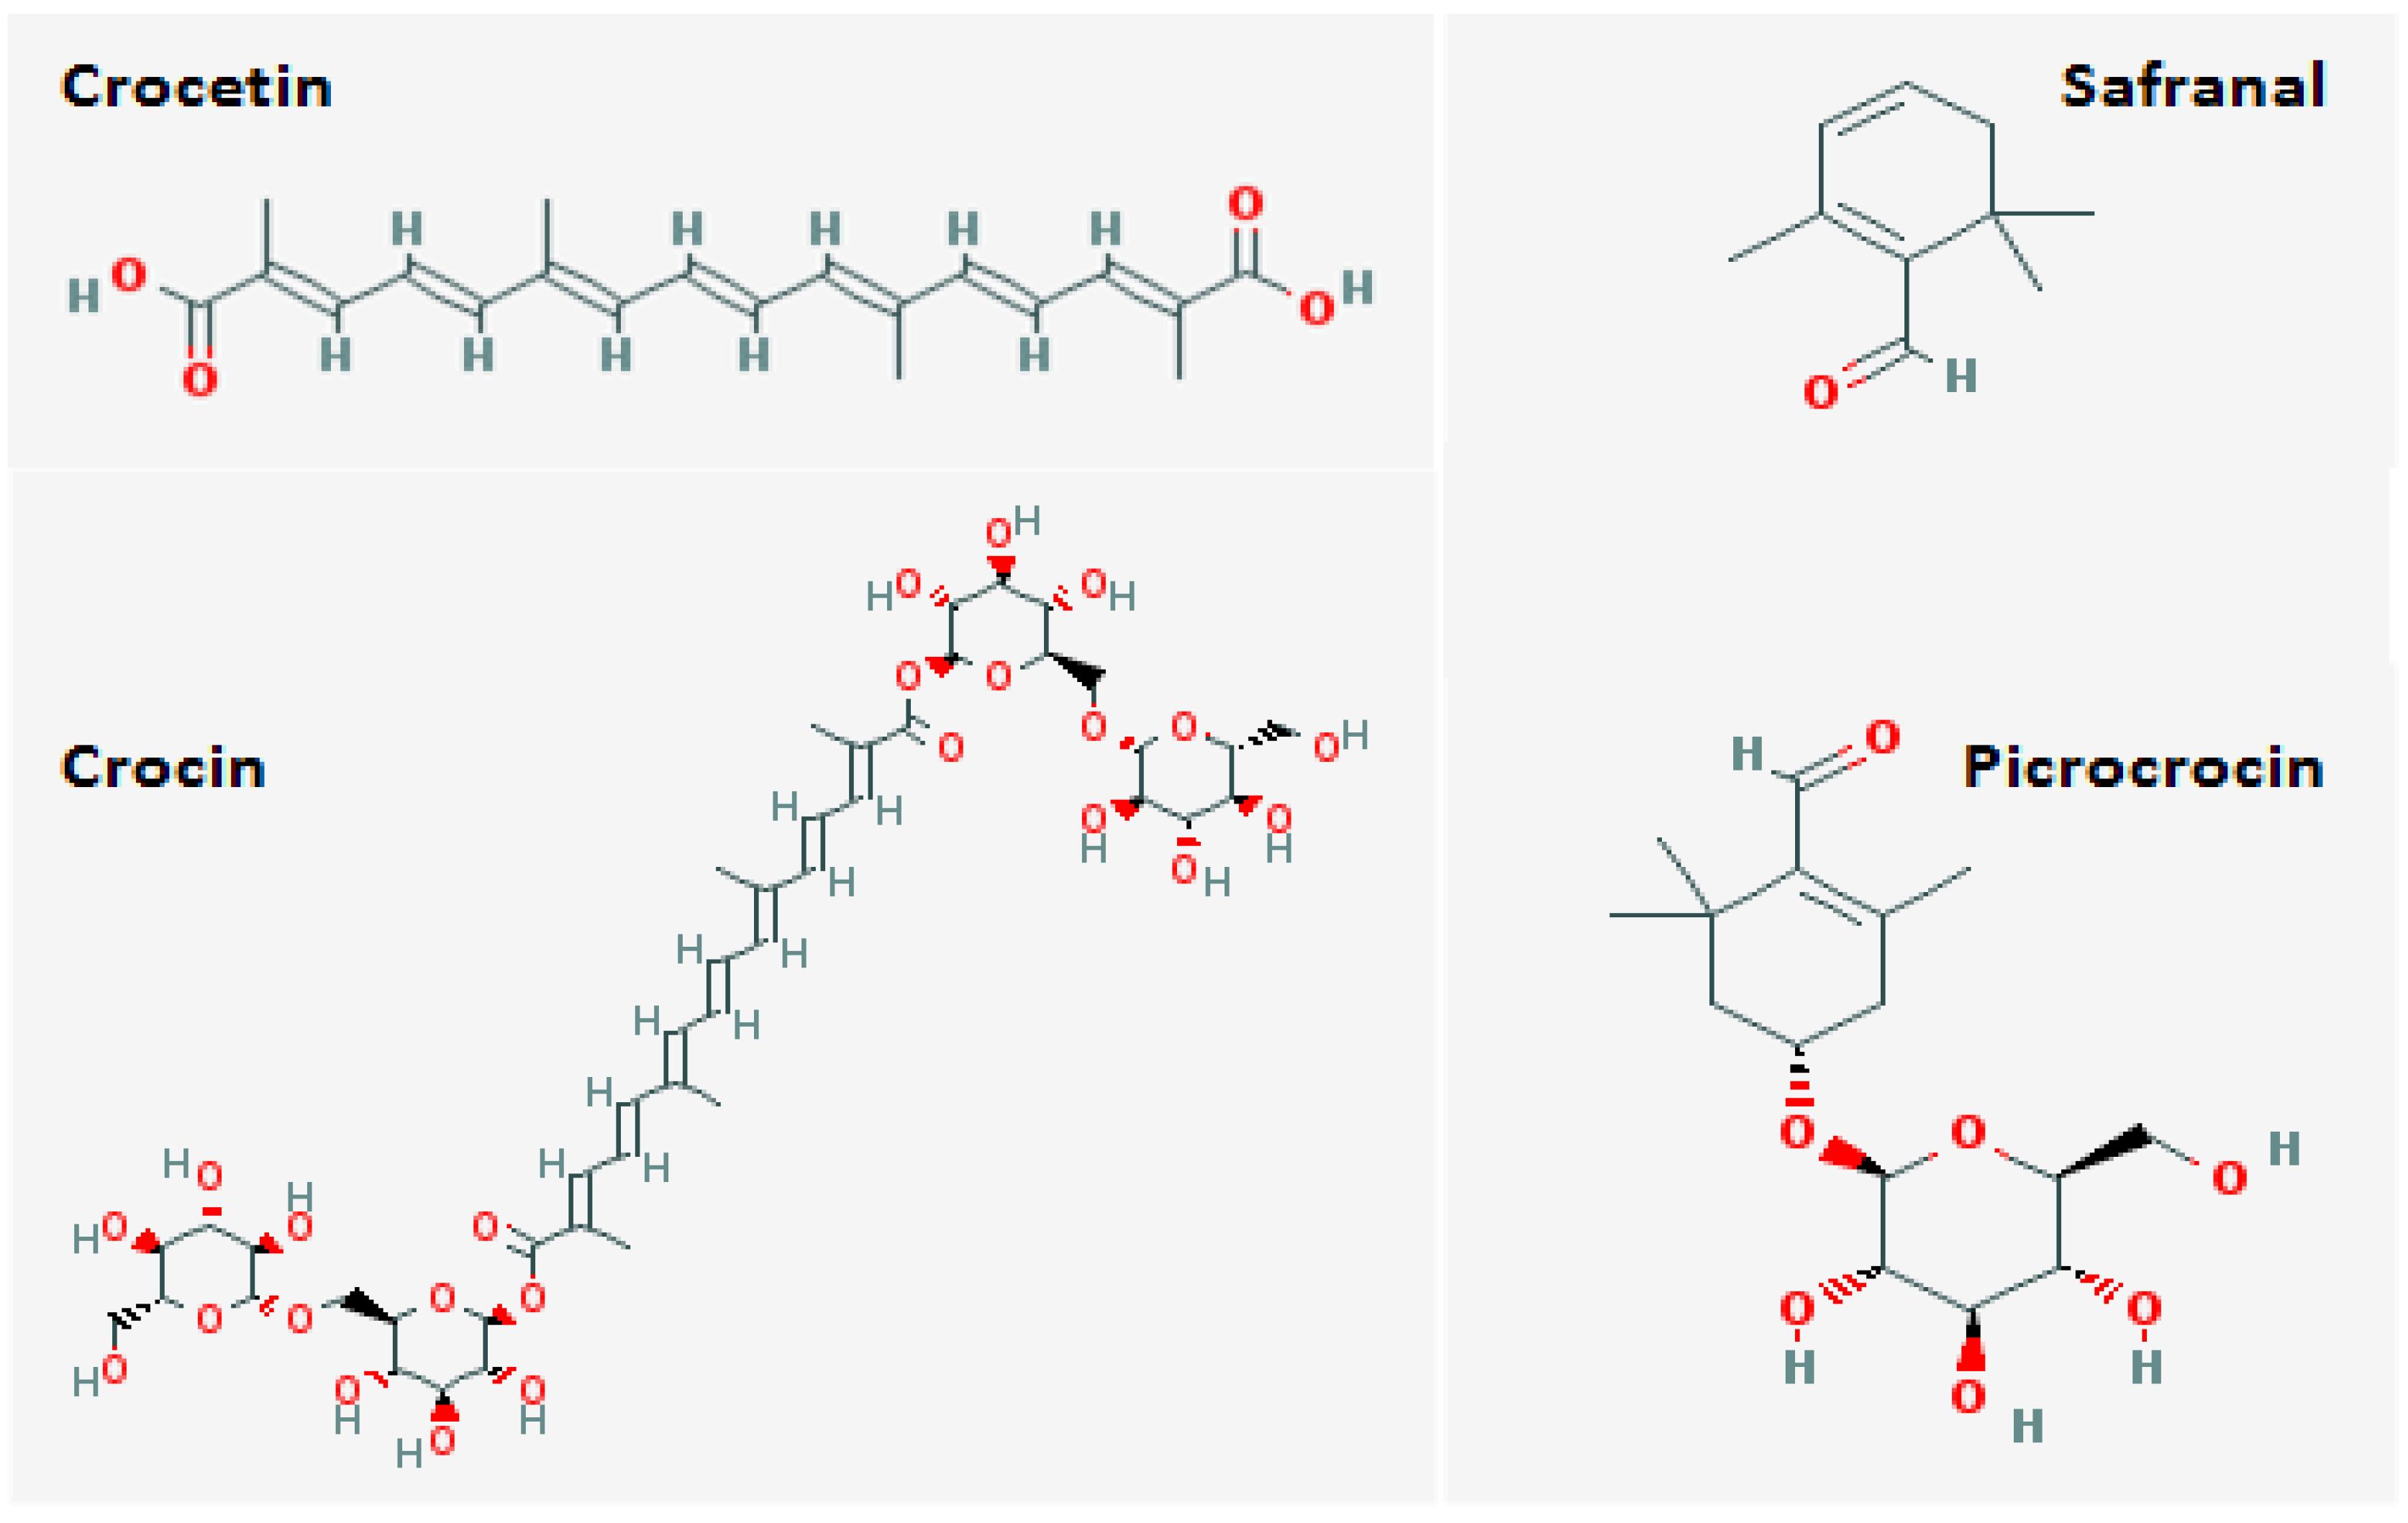 Antioxidants | Free Full-Text | Saffron: A Natural Potent ...